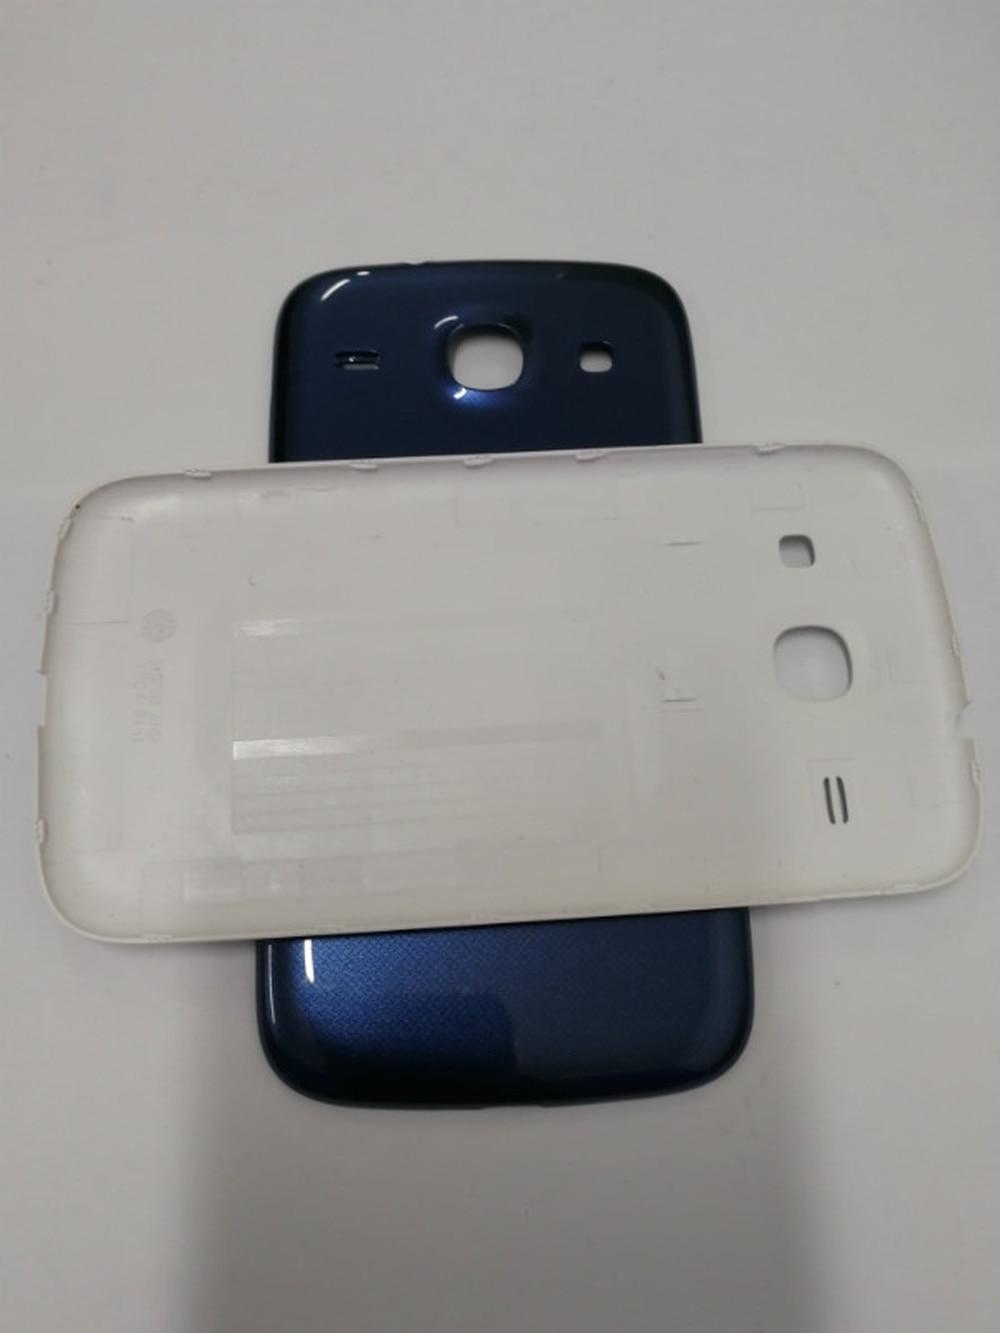 Nouveau Boîtier de La Batterie Couverture Arrière Porte Pour Samsung Galaxy Core I8260 I8262 GT-I8262 8260 Cas Pièces De Rechange